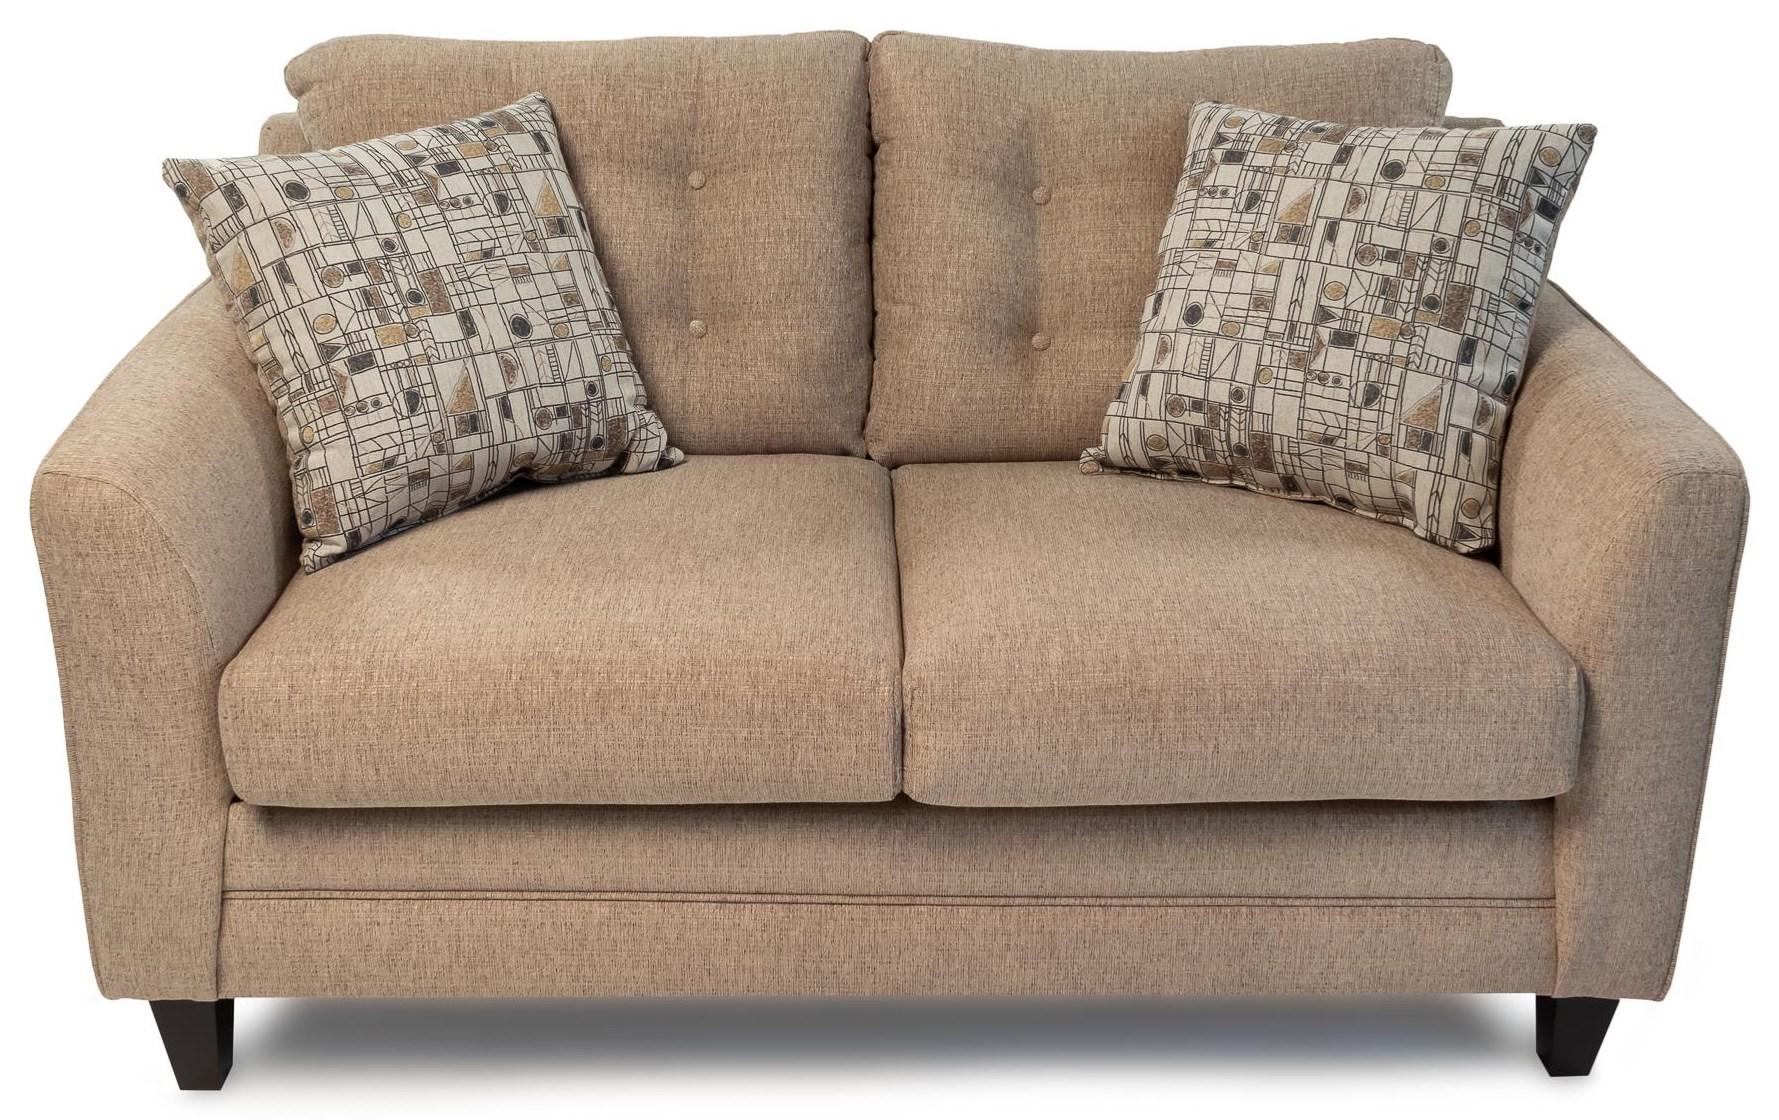 2-Cushion Loveseat